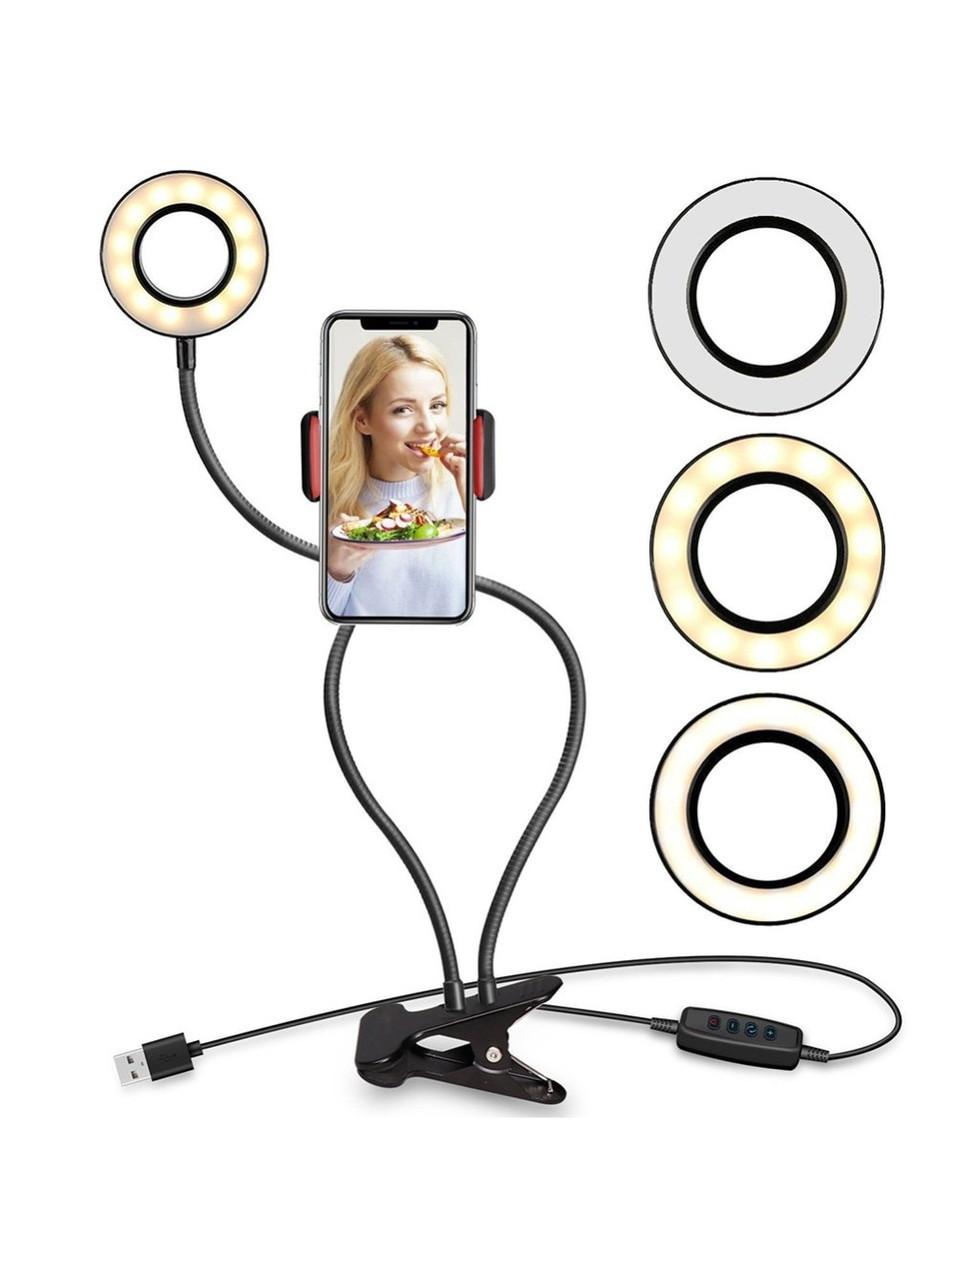 Гибкий держатель для телефона и селфи-кольцо с подсветкой